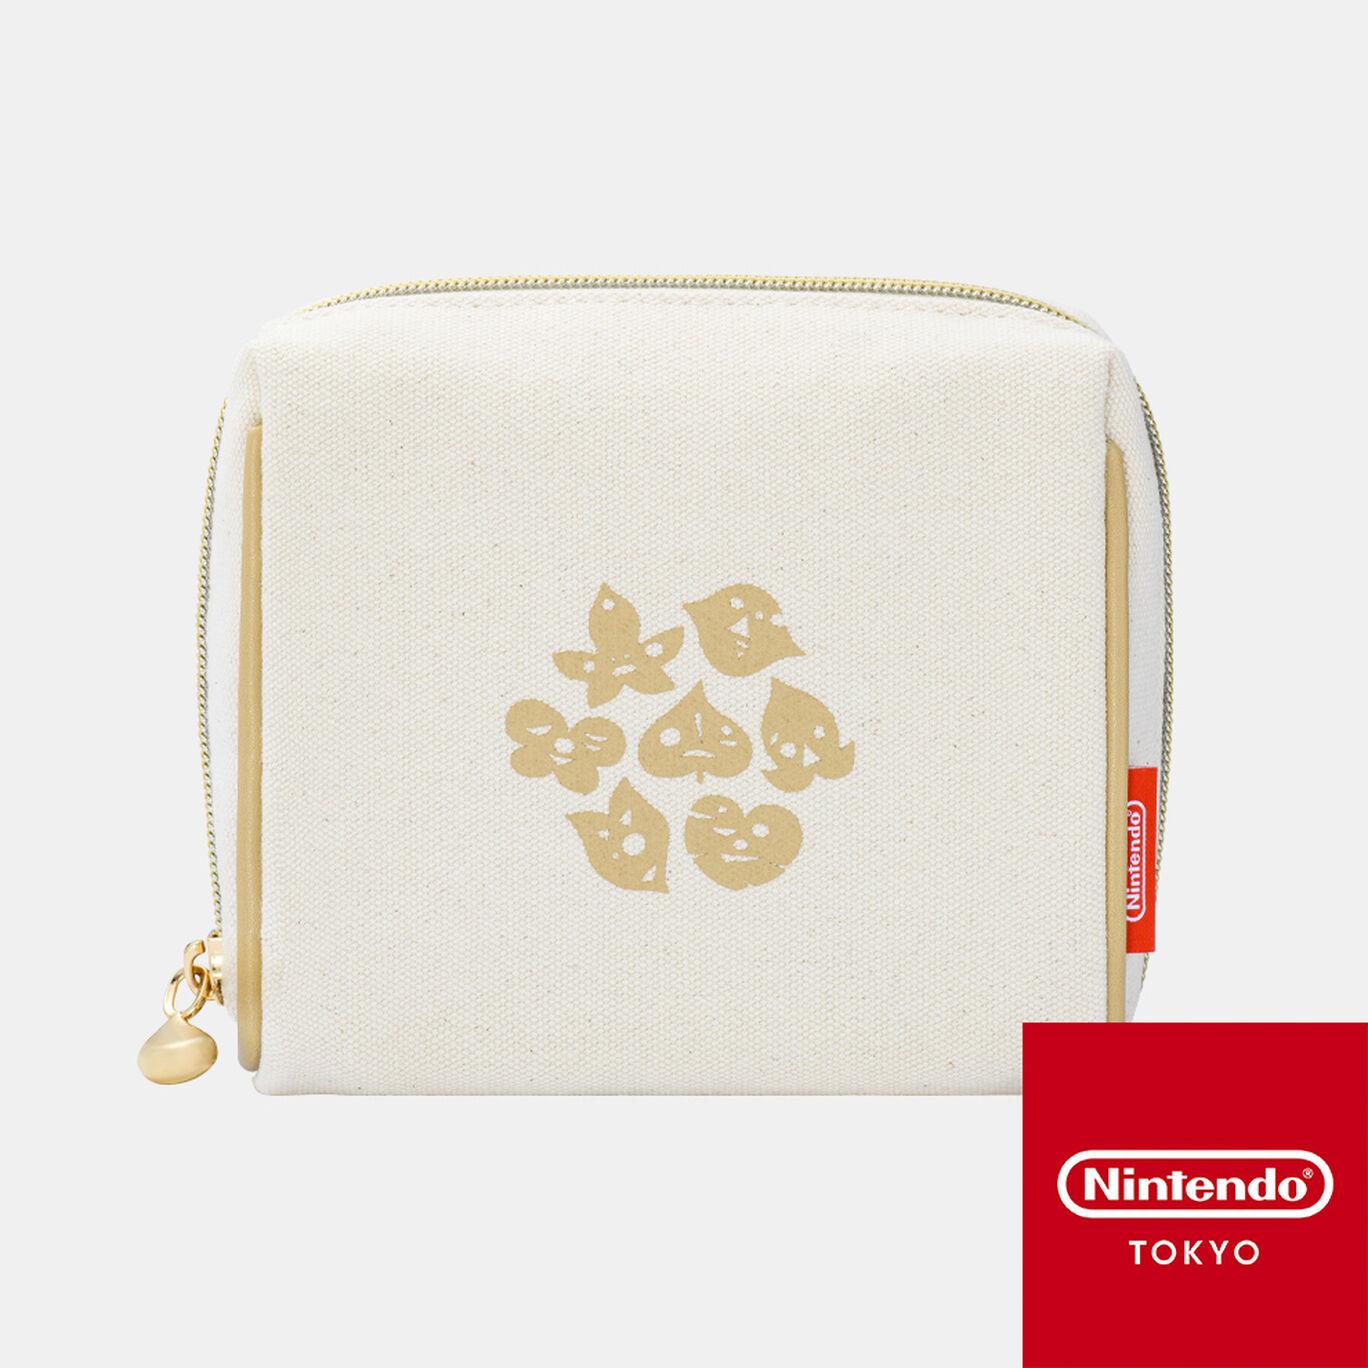 コログのポーチ ゼルダの伝説【Nintendo TOKYO取り扱い商品】